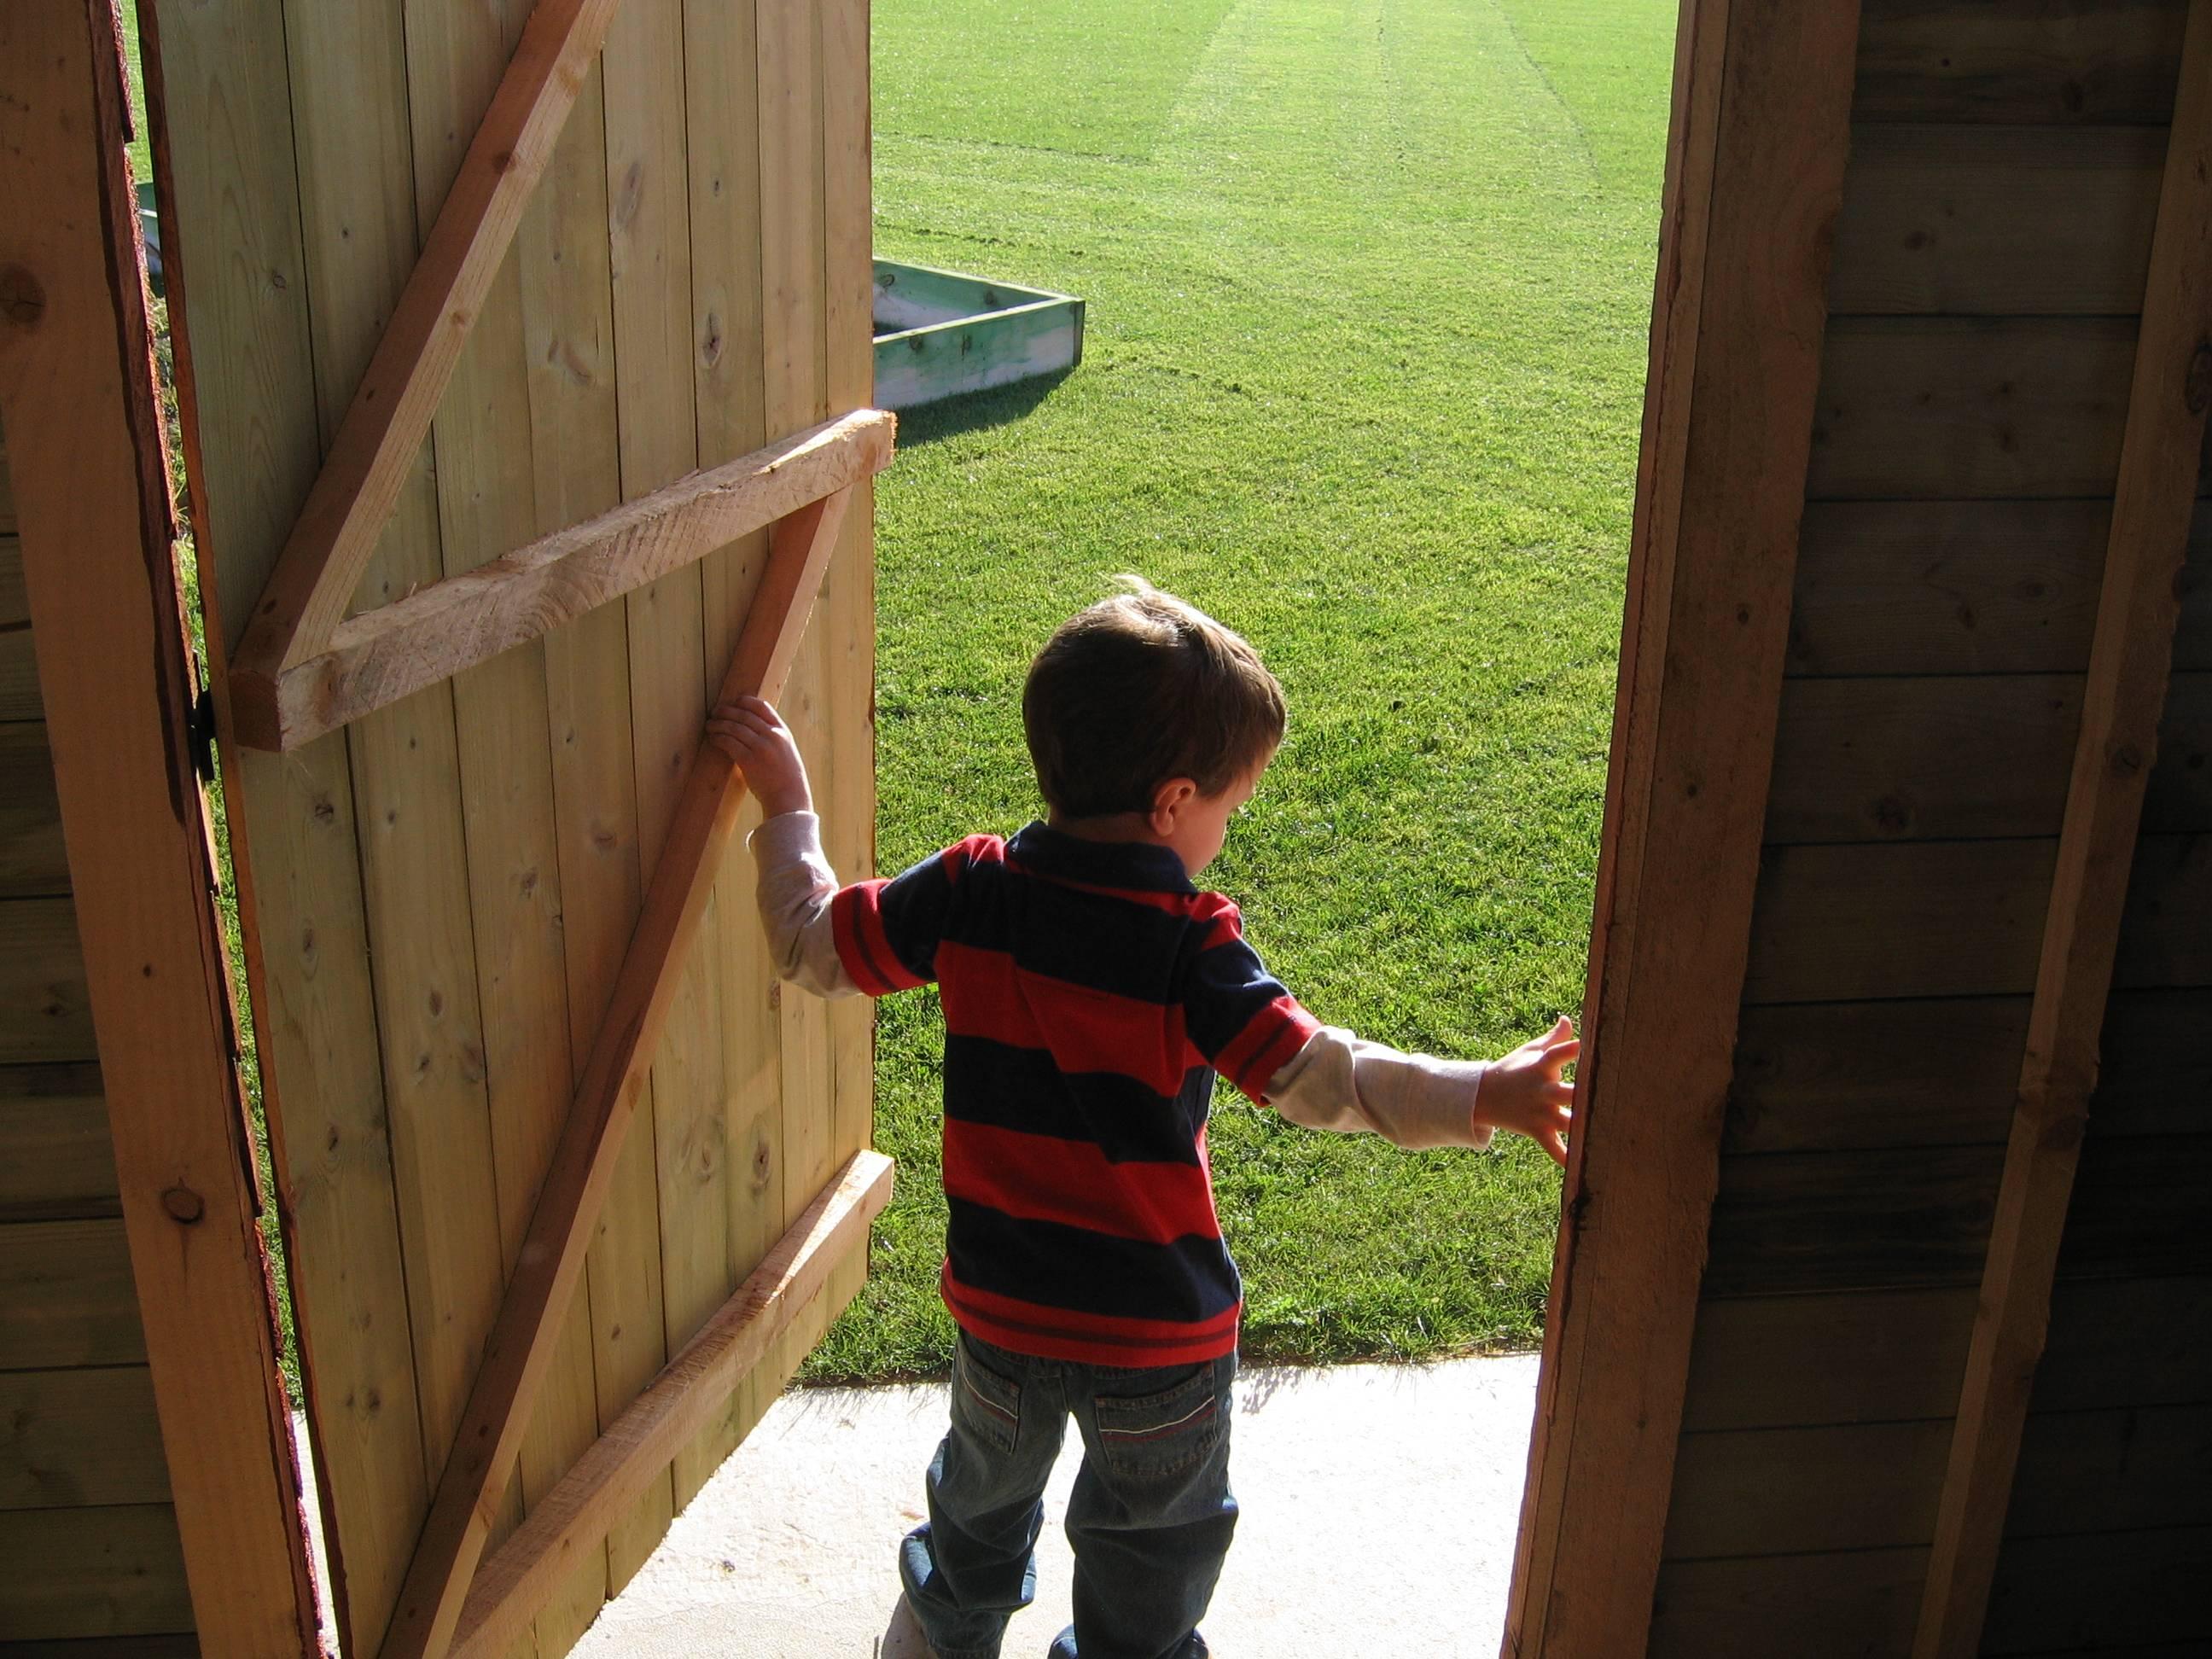 My nephew in Wexford